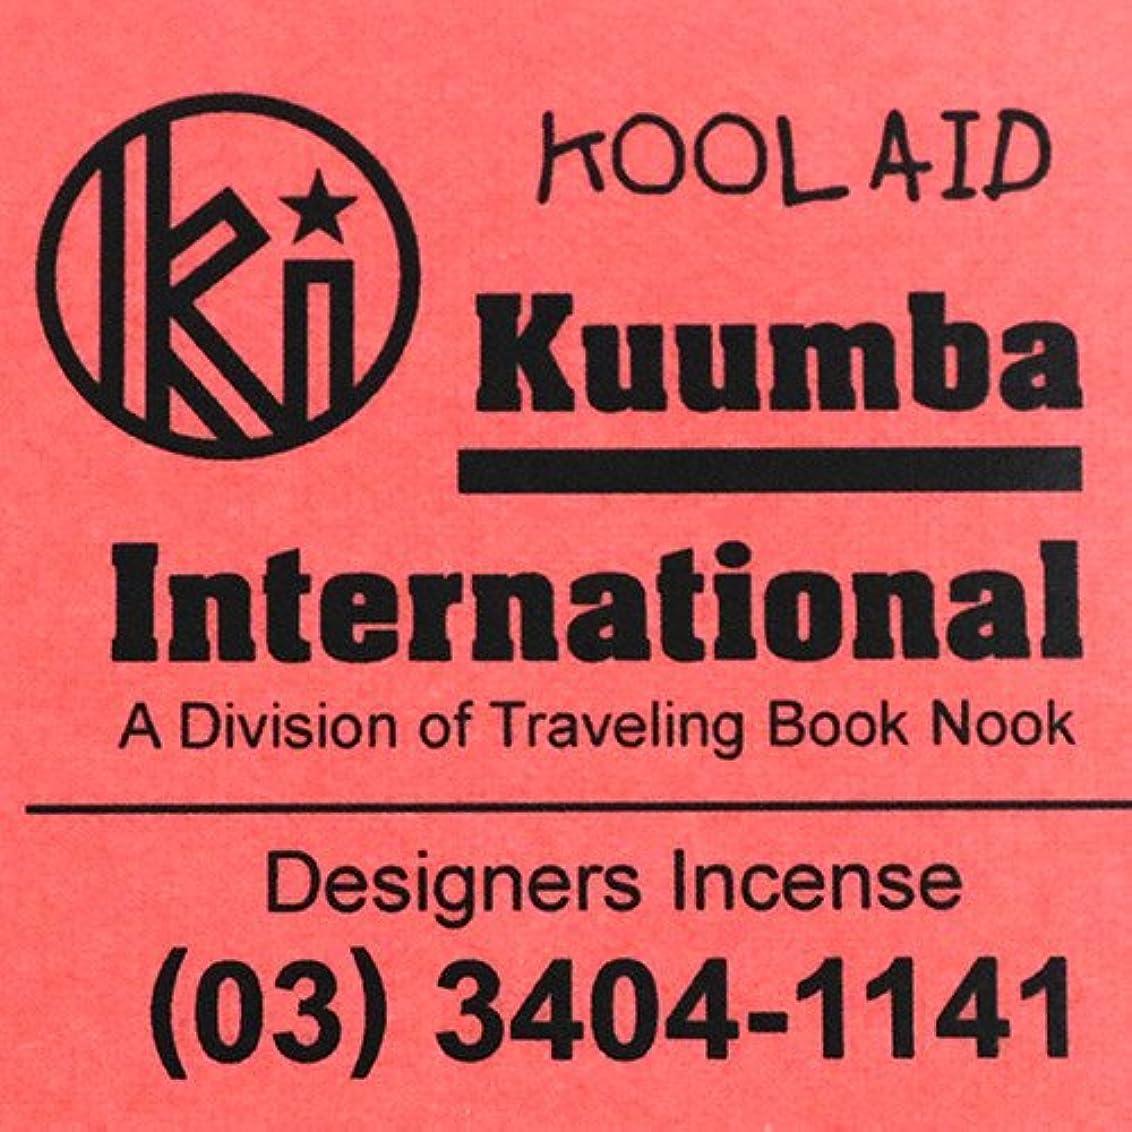 多様体貸す教える(クンバ) KUUMBA『incense』(KOOL AID) (Regular size)